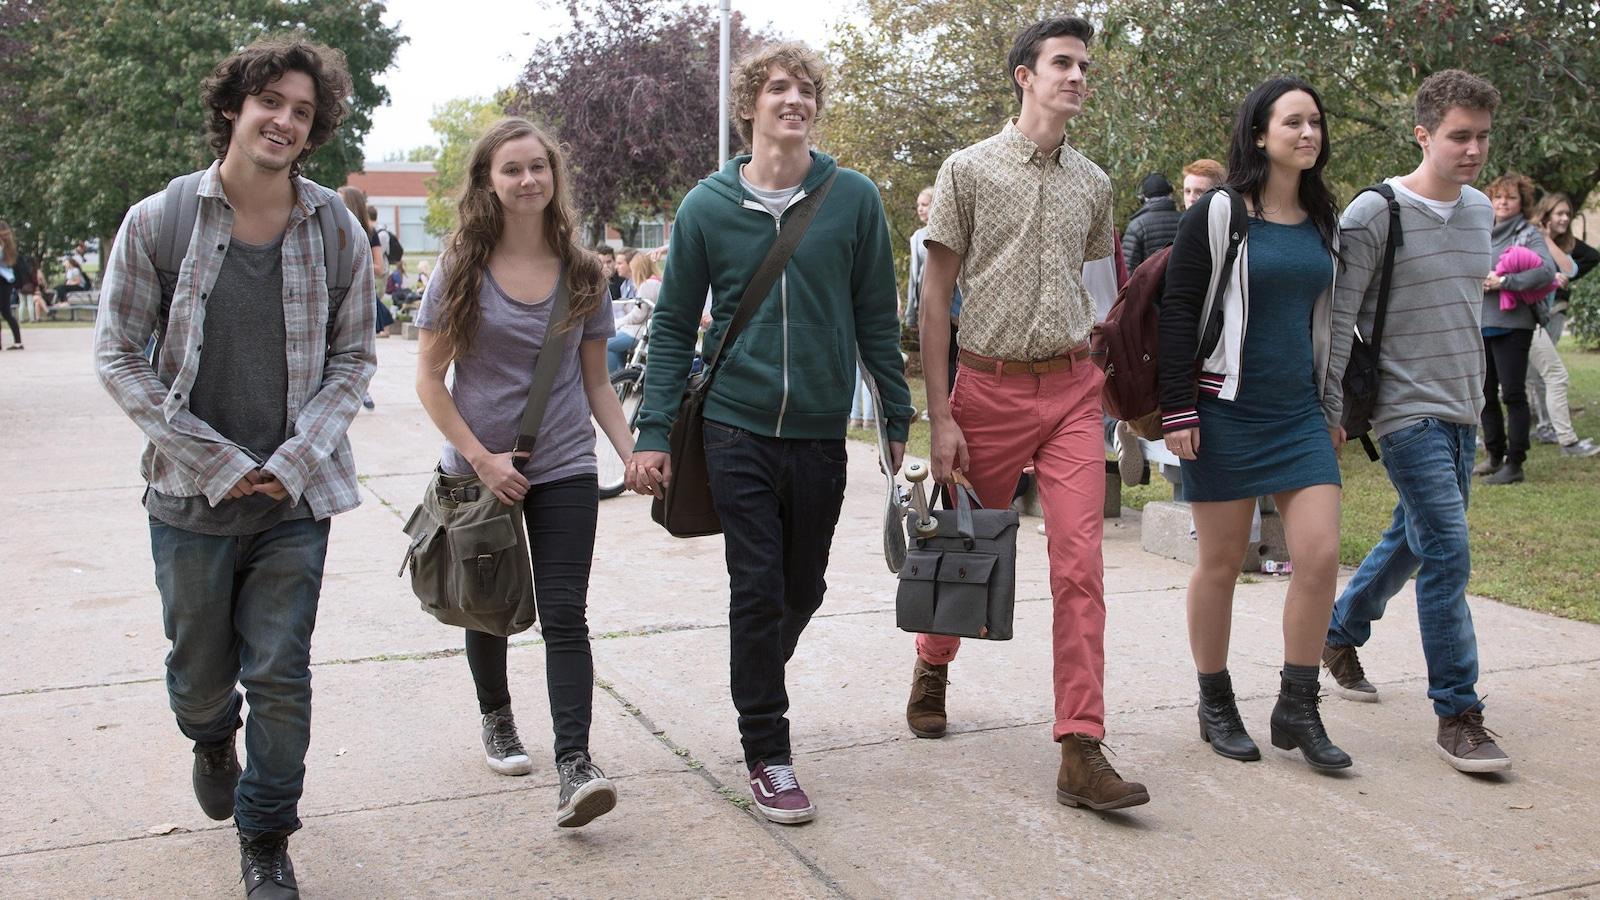 Un groupe d'adolescents marche